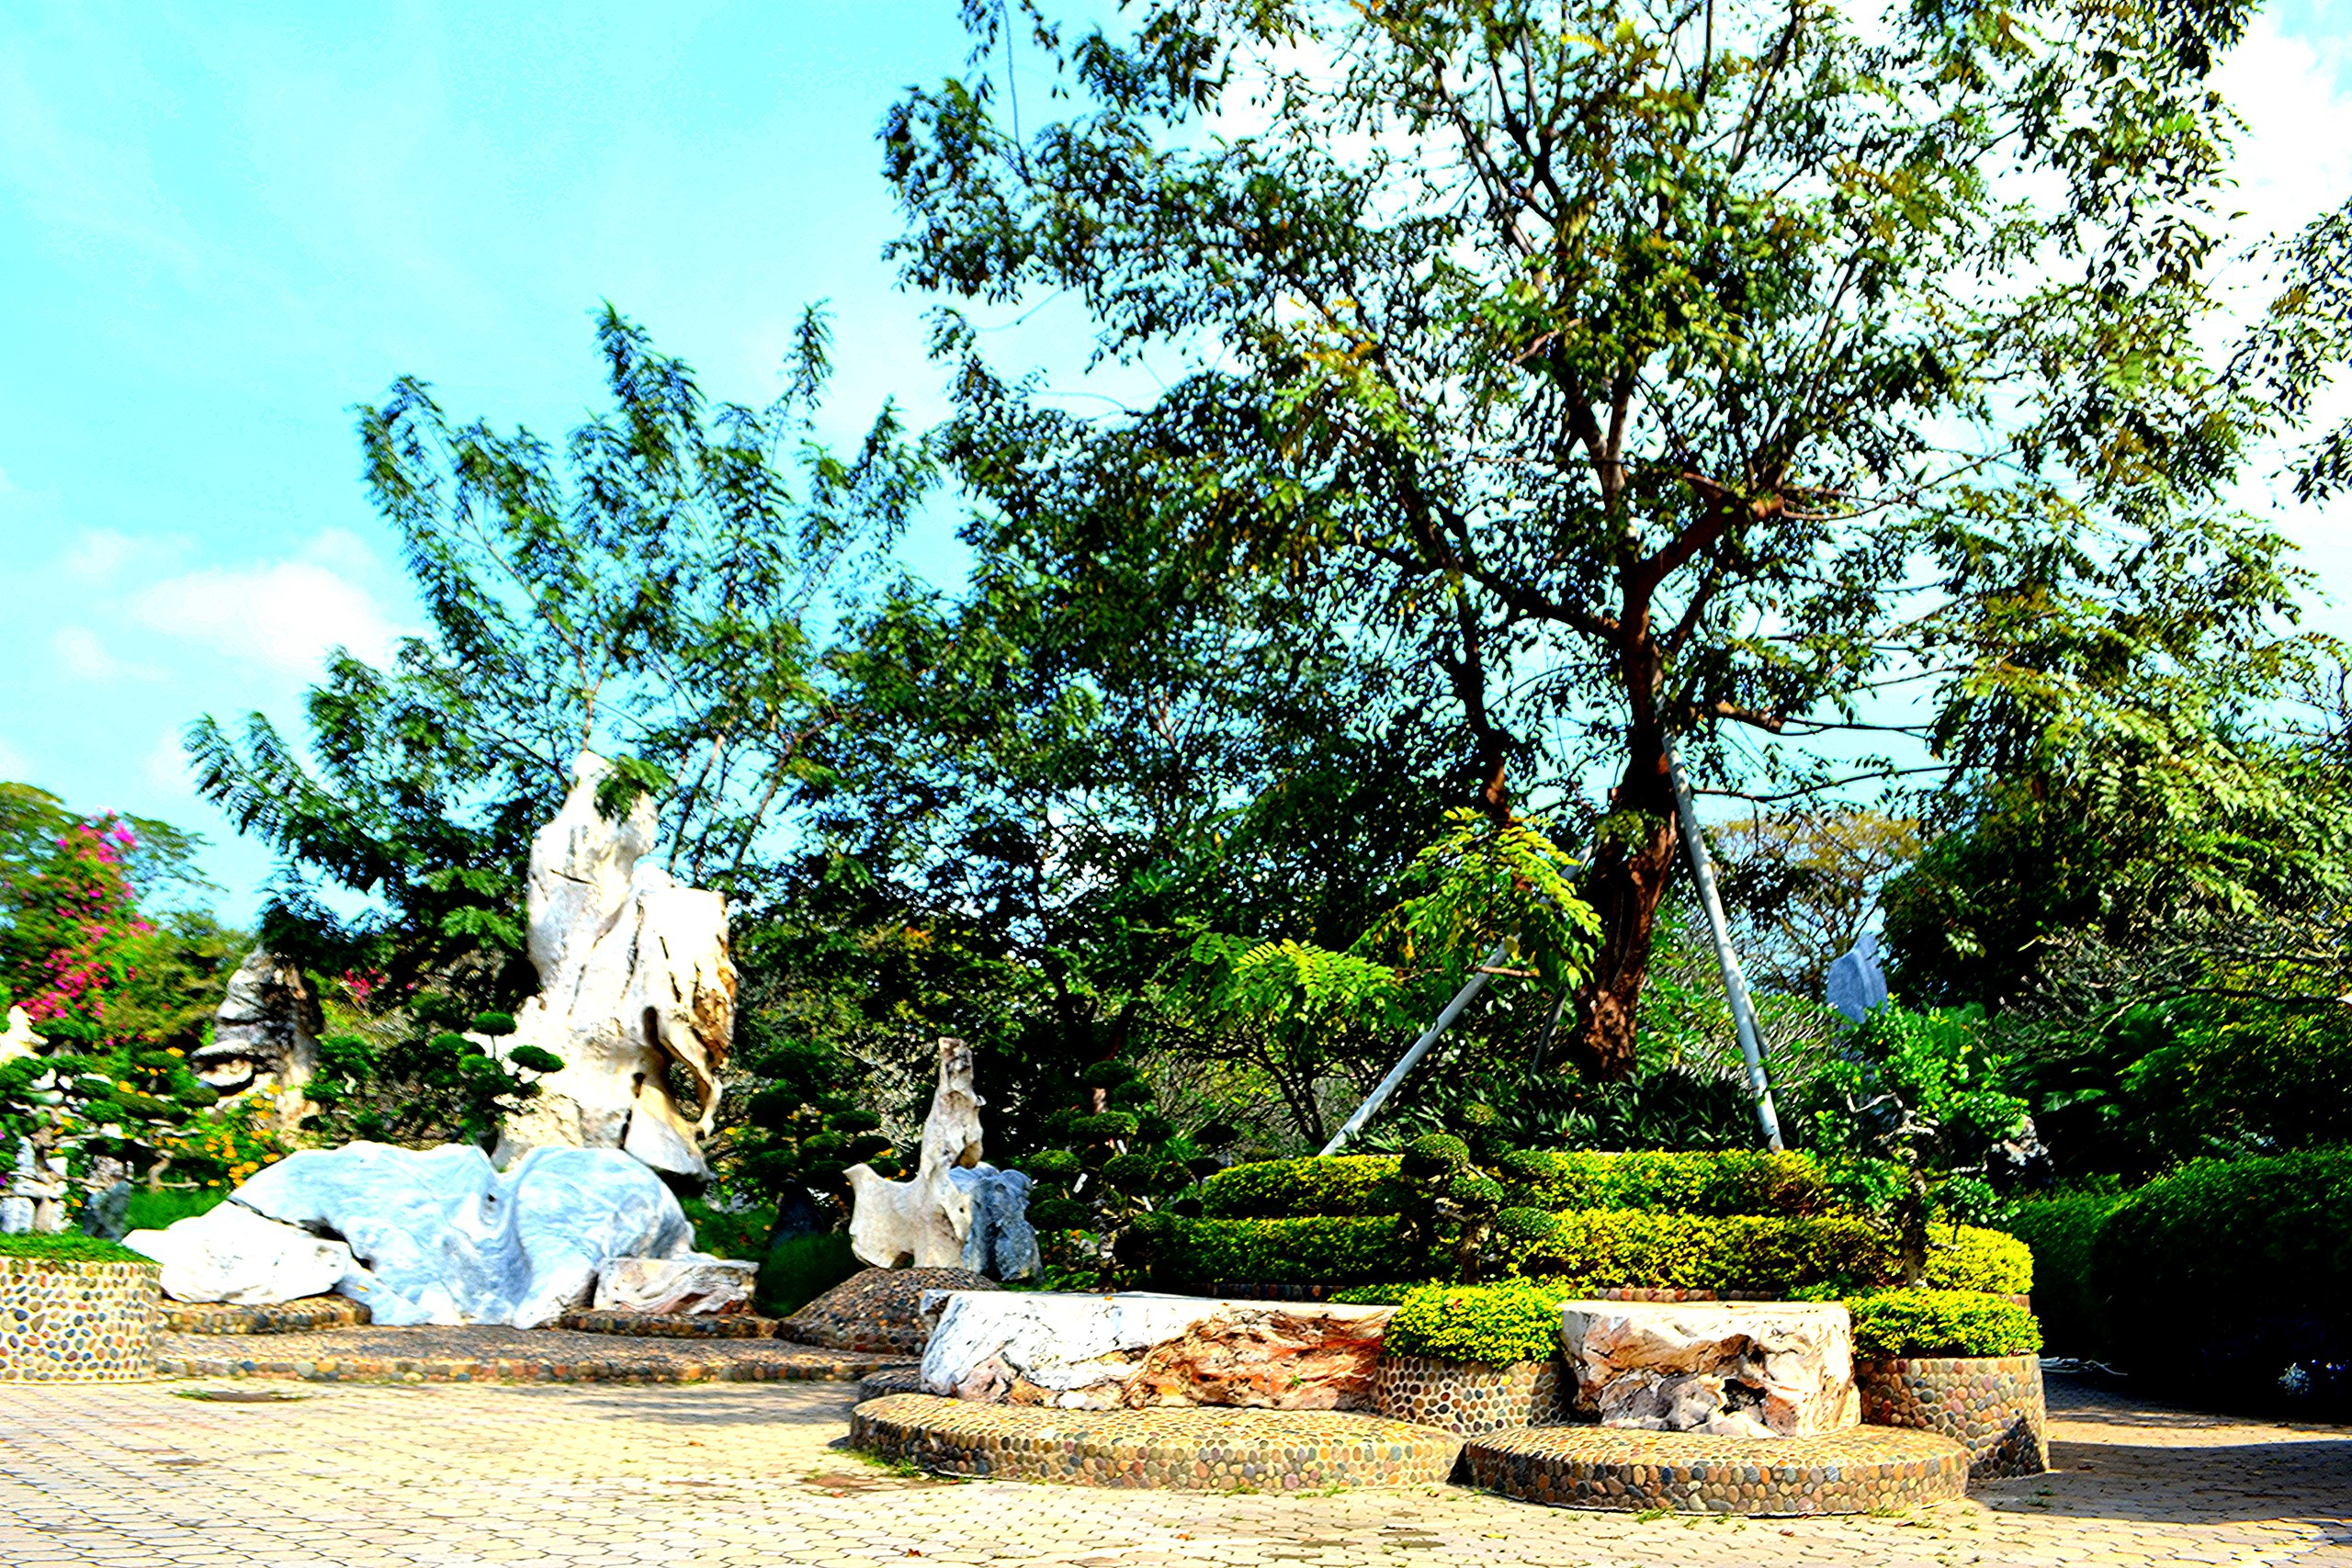 Елена Руденко ( Валтея ). Таиланд. Парк миллионолетних камней и крокодиловая ферма. WcXVh0XTvUw